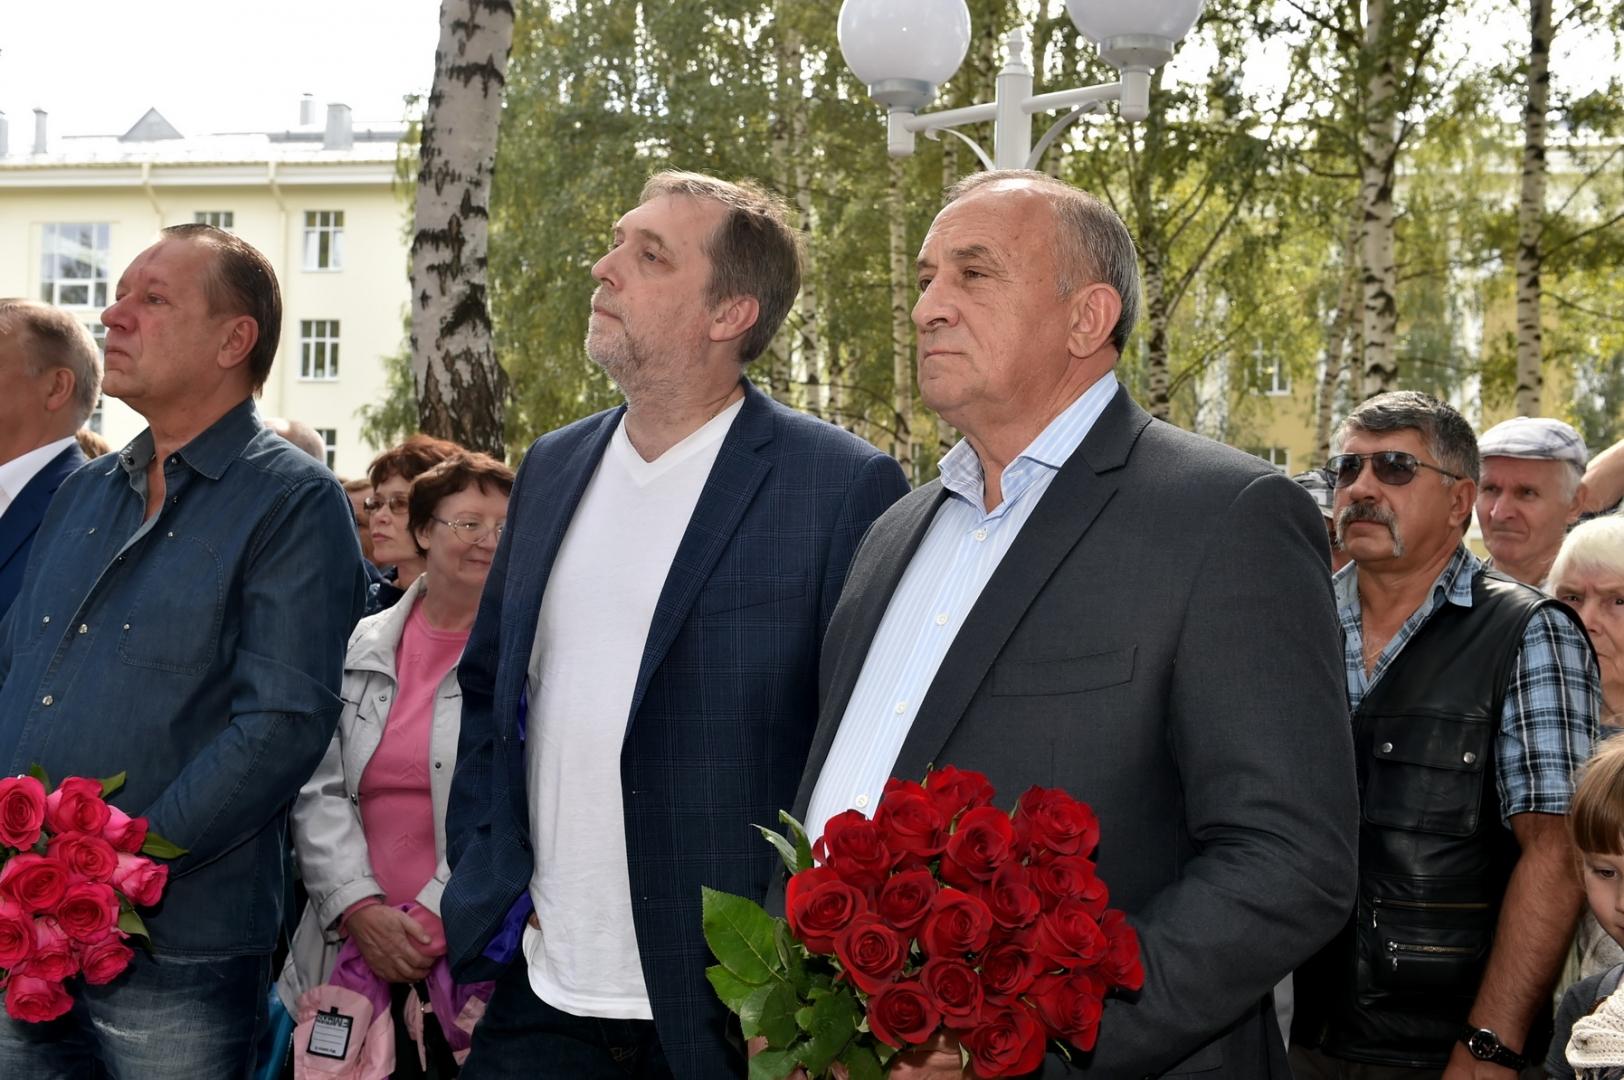 Глава Удмуртии Александр Соловьев и Никита Высоцкий на церемонии открытия памятника